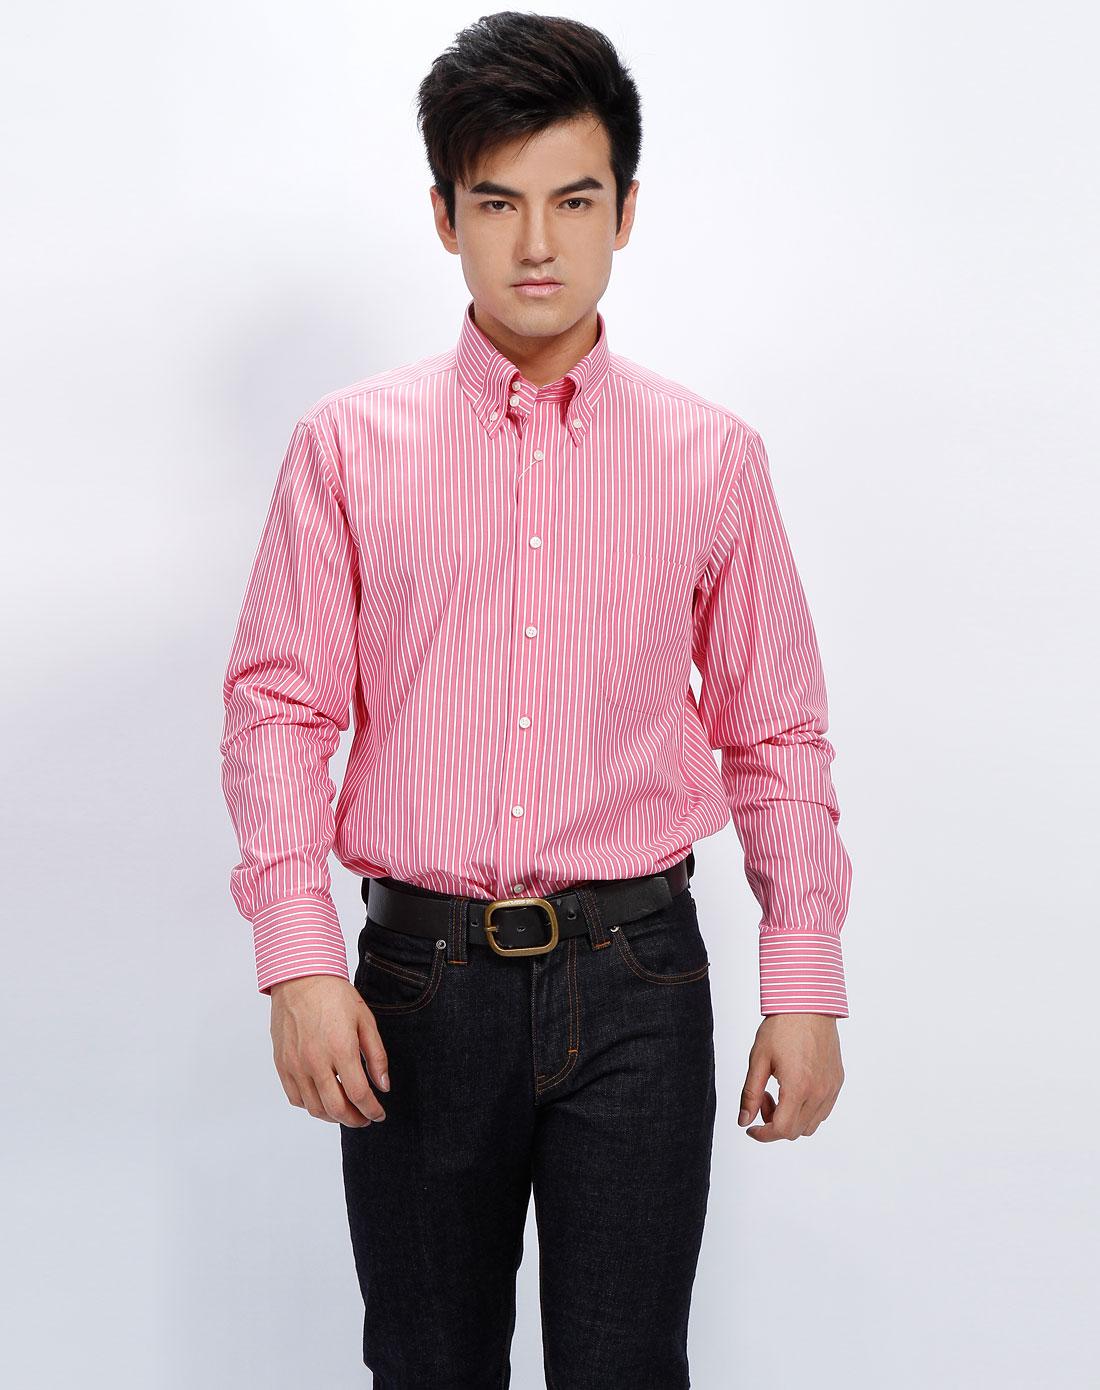 报喜鸟bono 男款粉红底白条纹花式领长袖衬衫图片